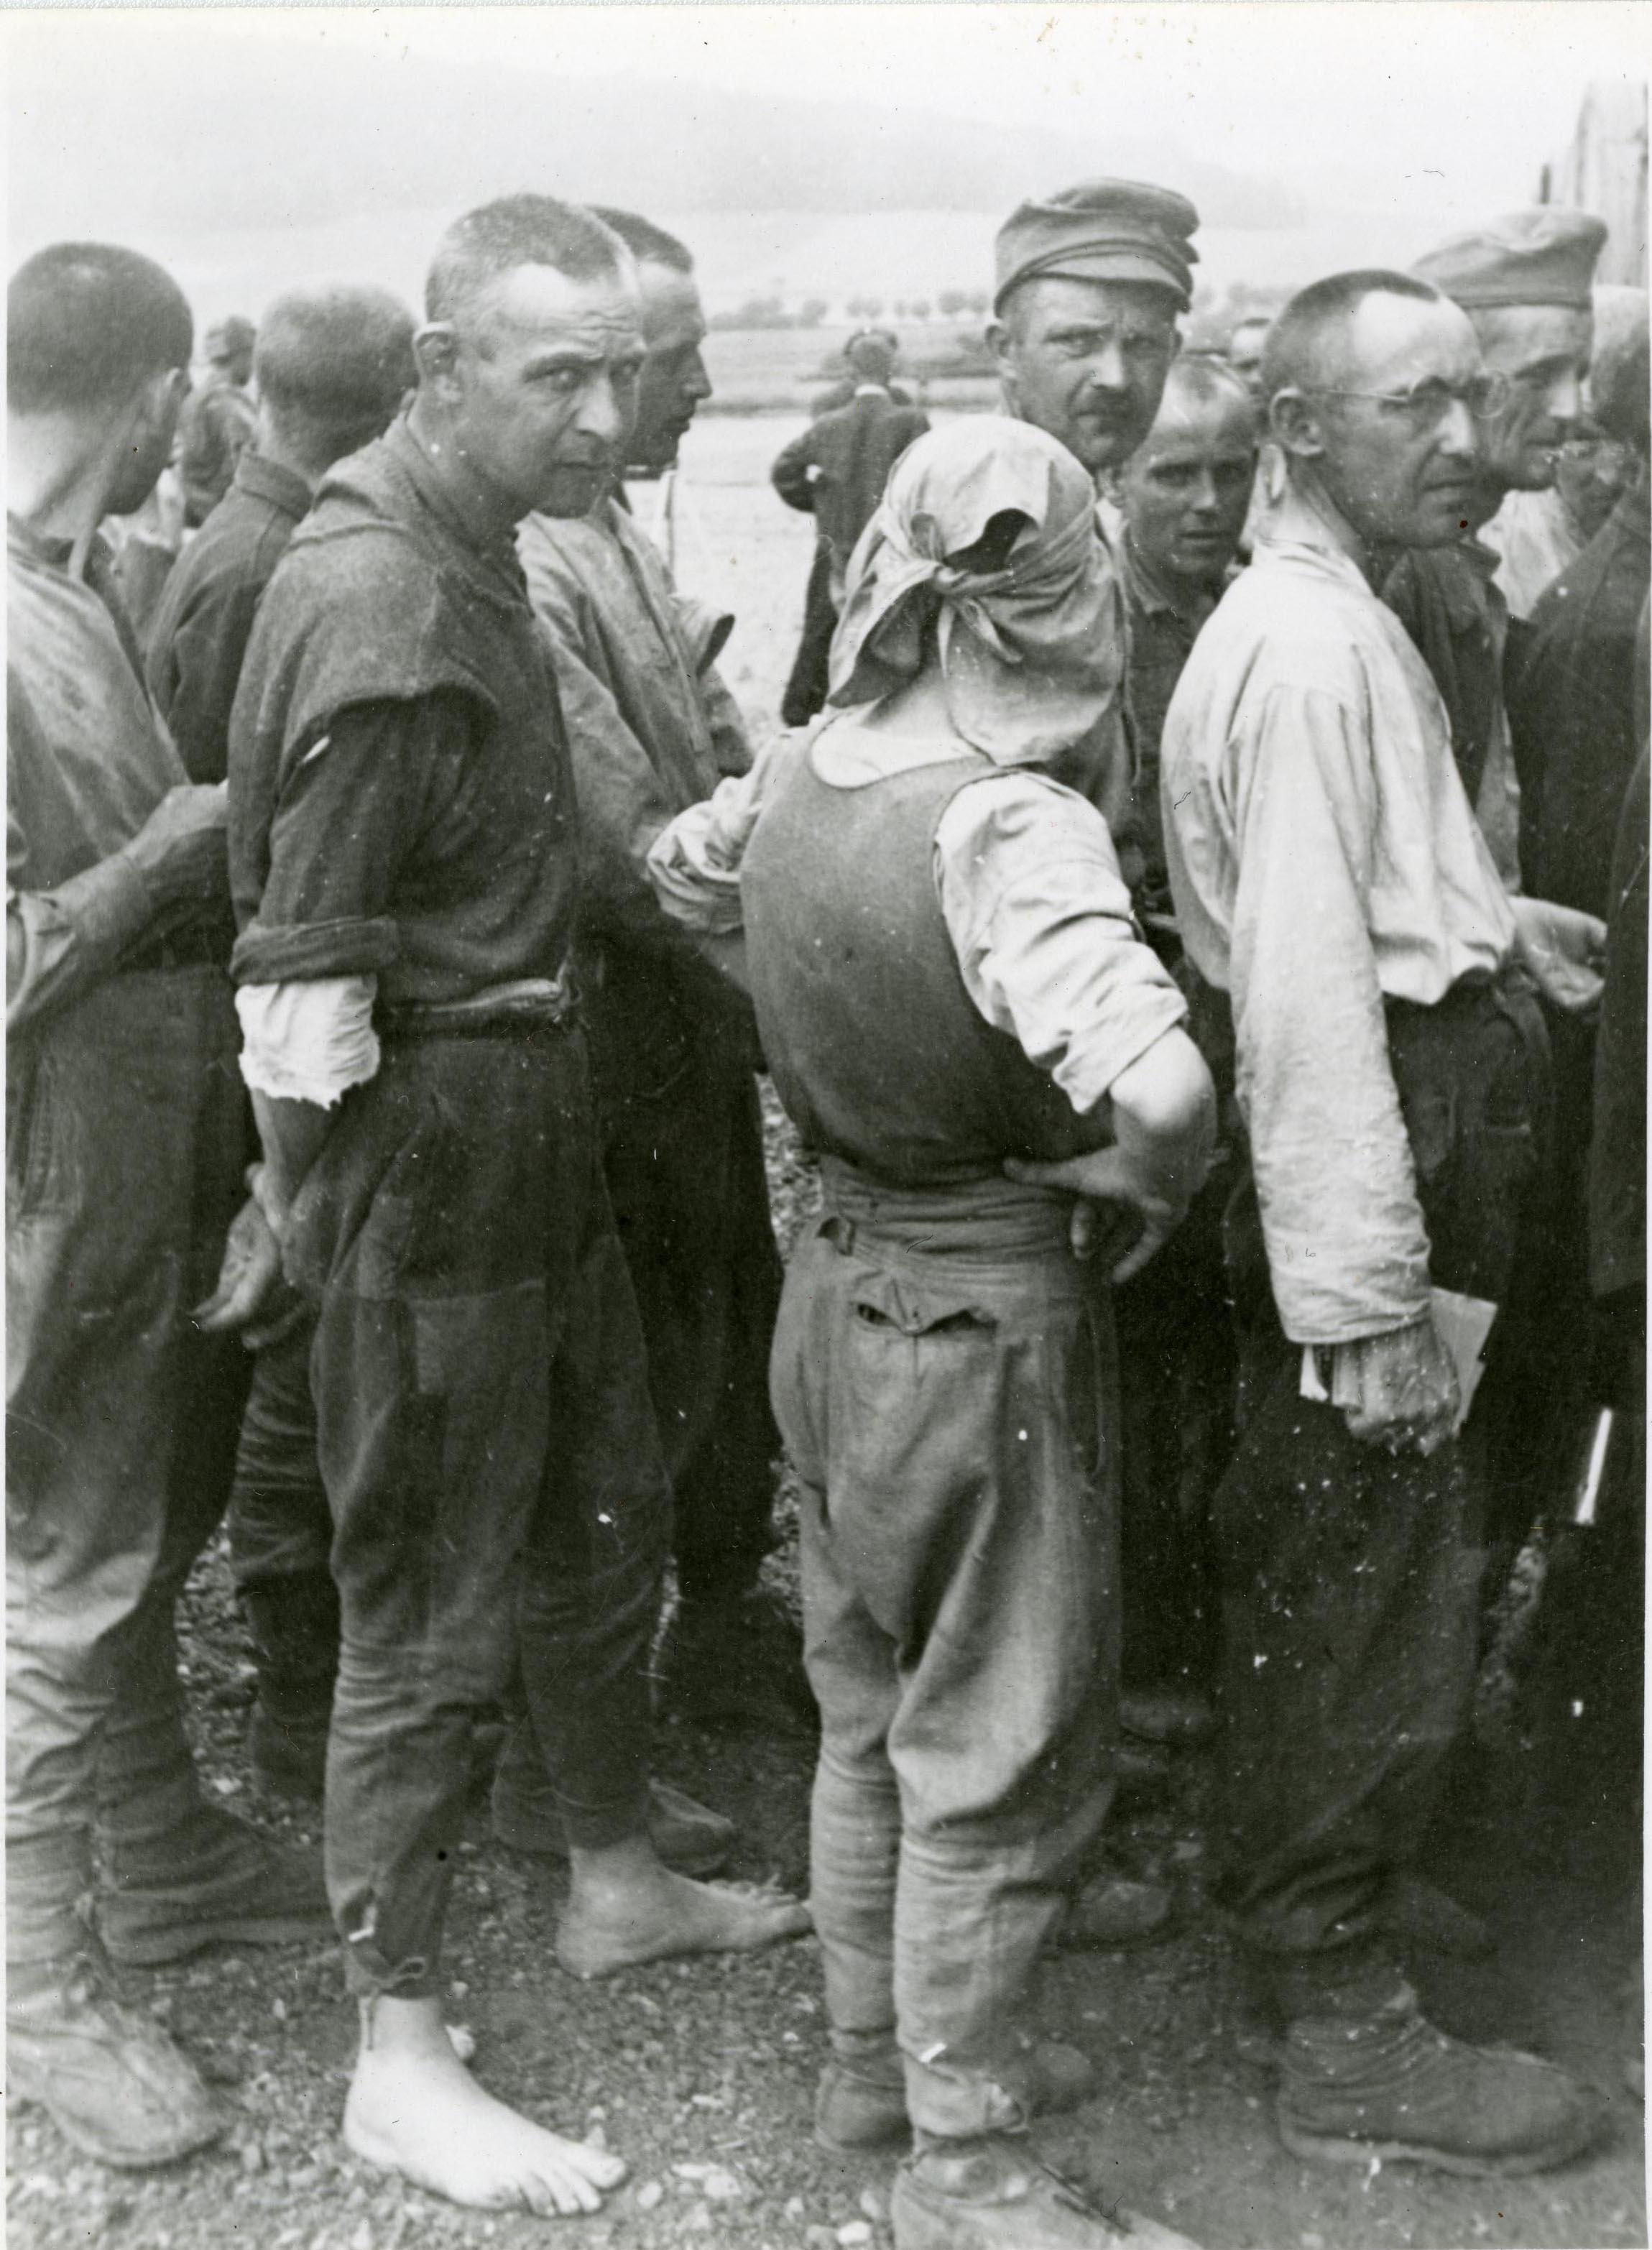 Krigsfångar. Okänd fotograf. Ur Gösta Lundins arkiv